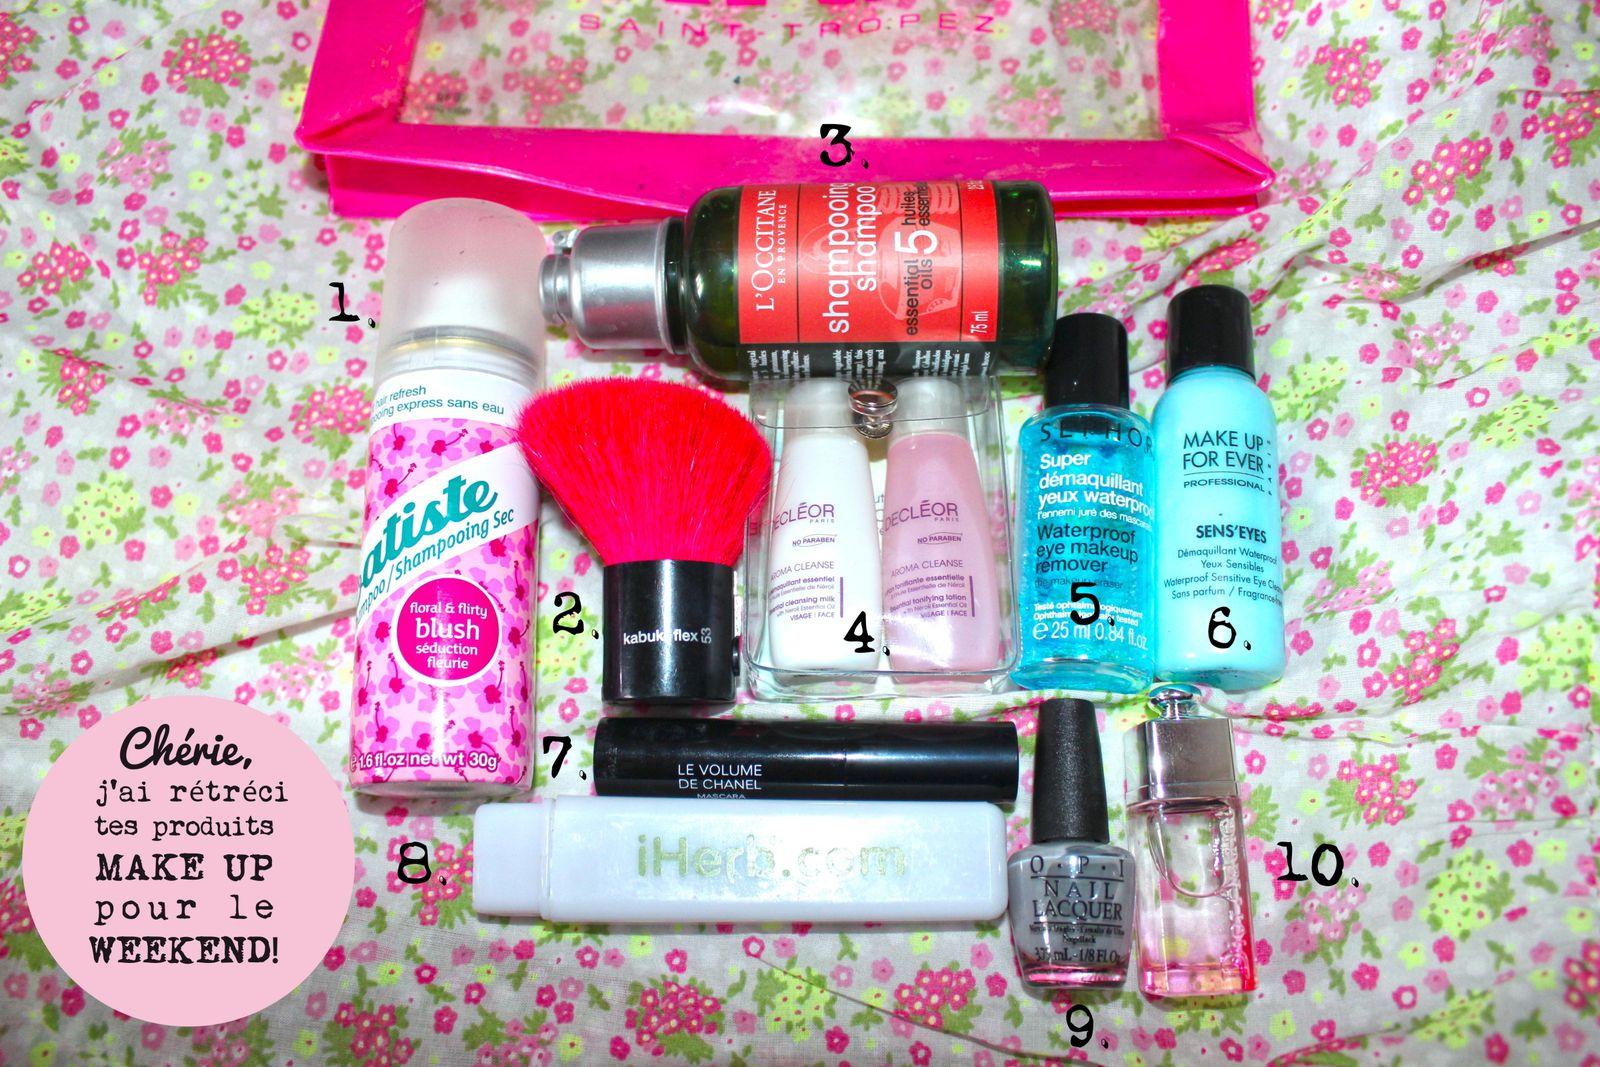 Les minis essentiels : Shampoing, démaquillants, mascara, pinceaux, brosse à dent, vernis